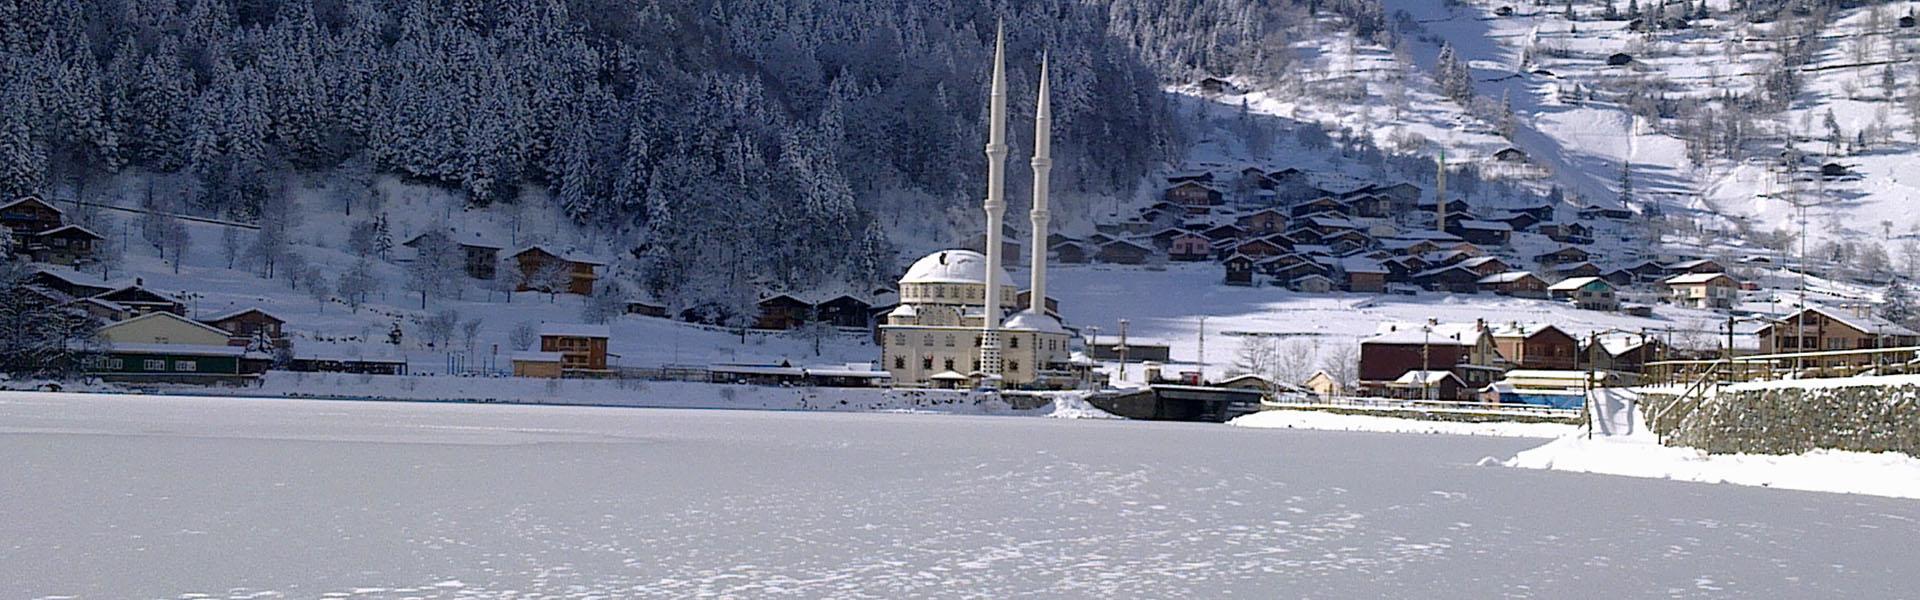 Kanadalı uzmanlarla Trabzon'daki kış turizmi görüşüldü